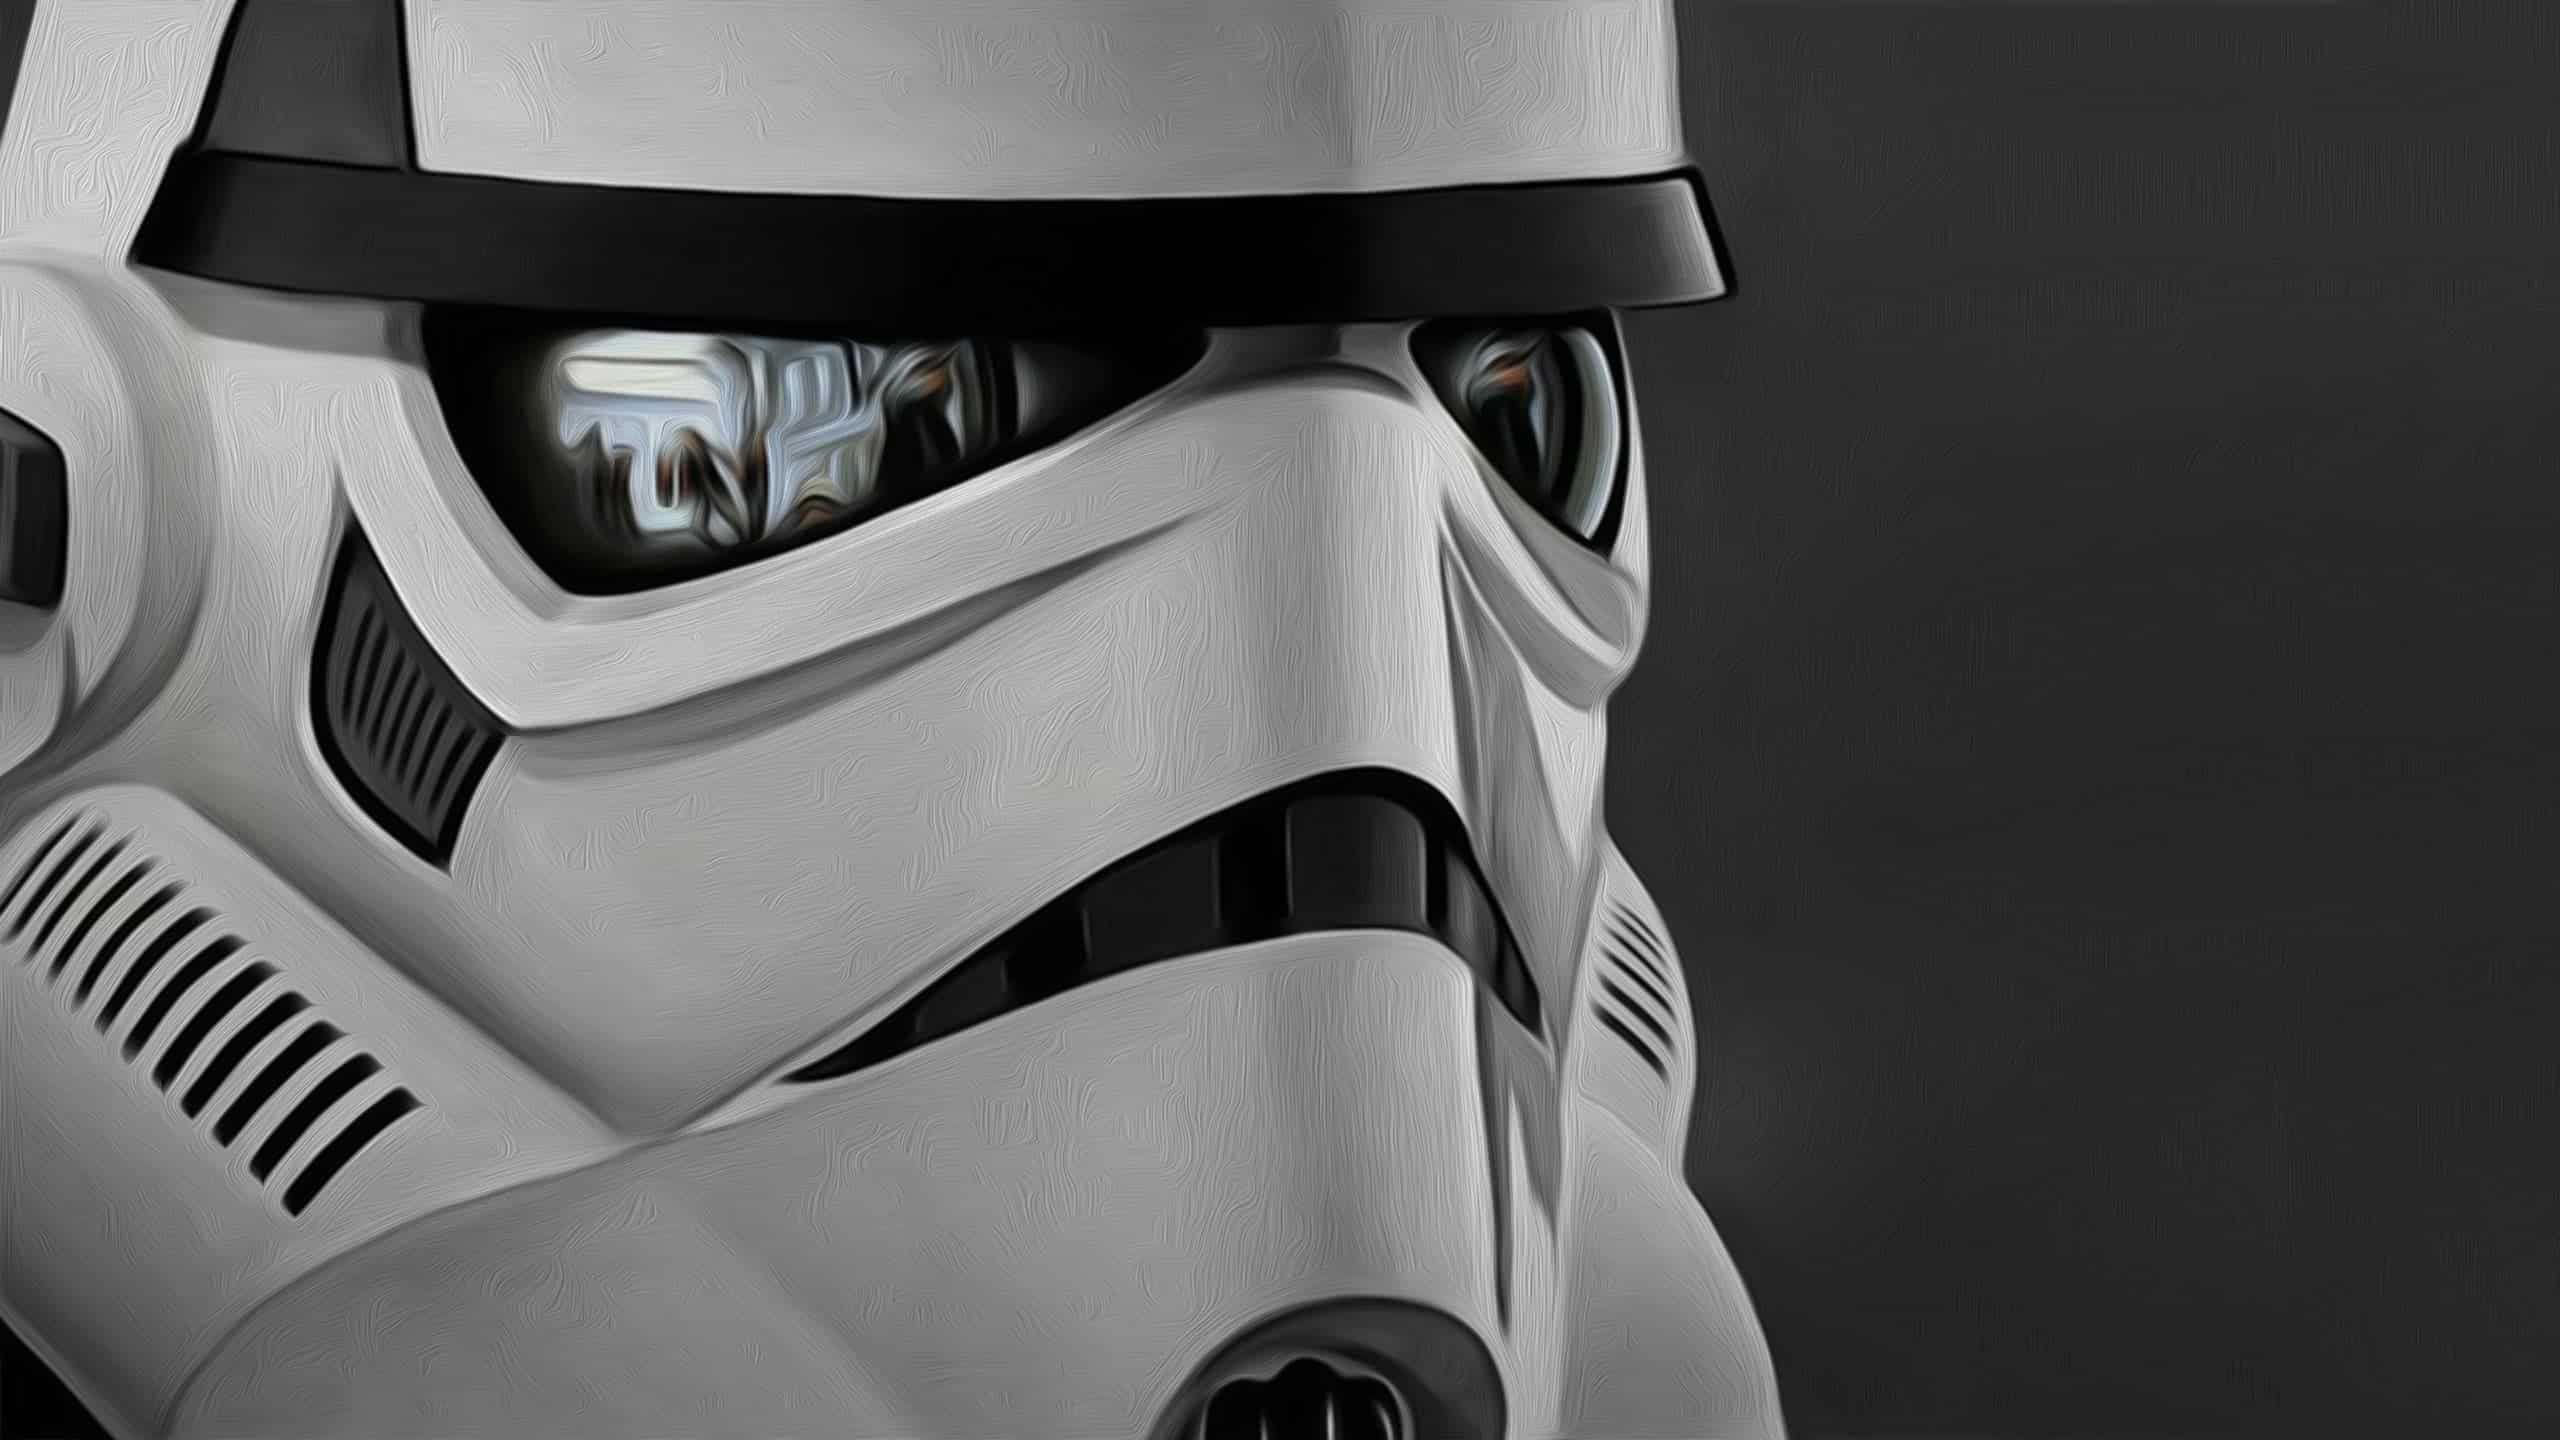 Star Wars Clone Trooper Wqhd 1440p Wallpaper Https Hdwallpapersmafia Com Star Wars Clone T Star Wars Wallpaper Star Wars Battlefront 3 Star Wars Clone Wars